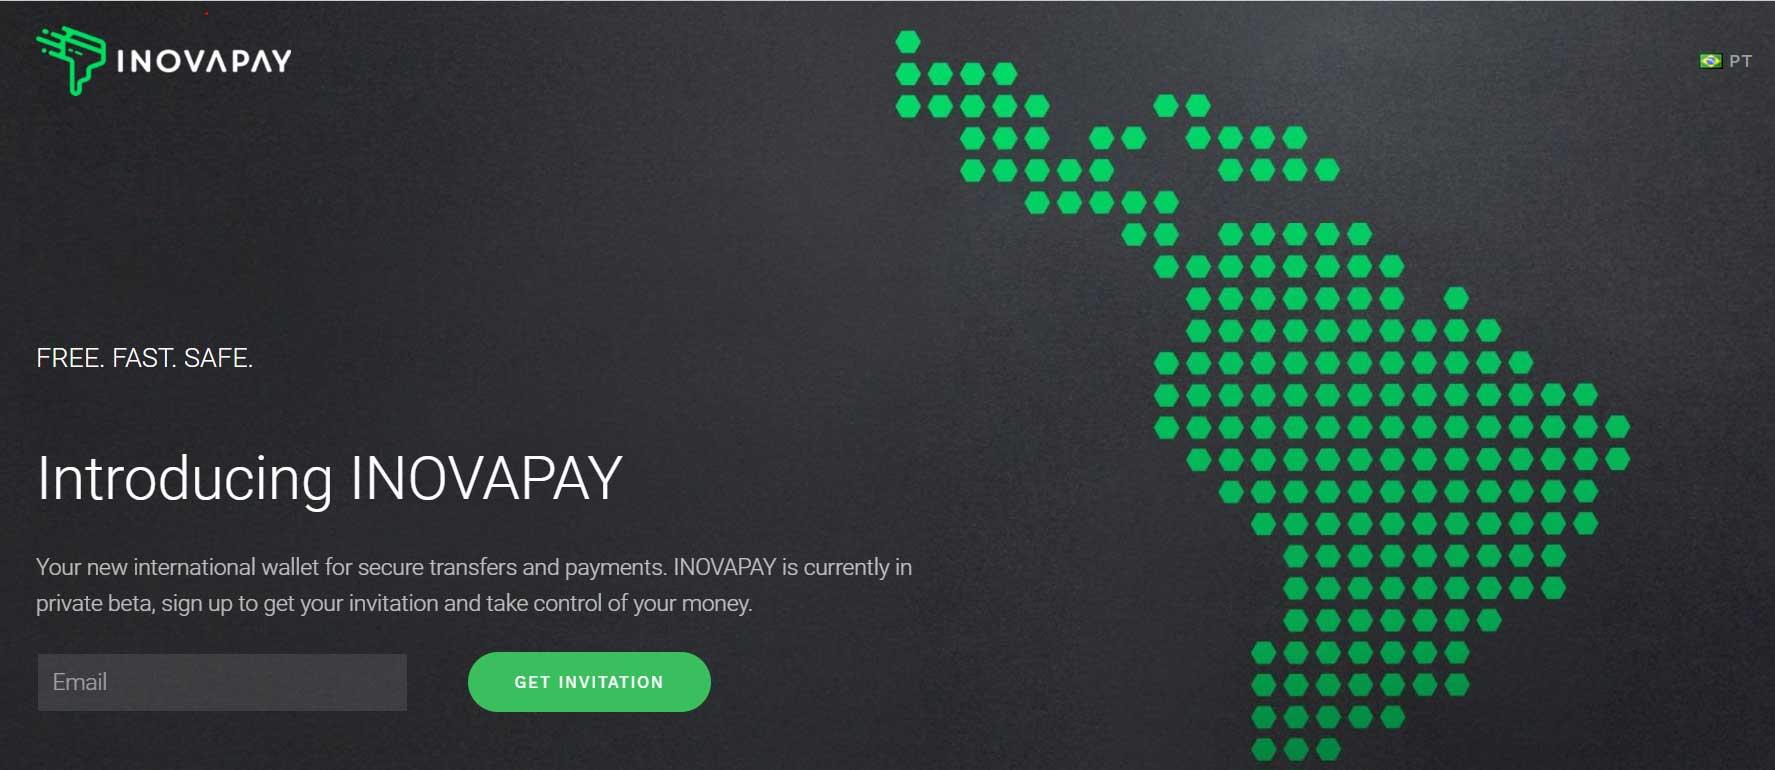 inovapay-pagos-online